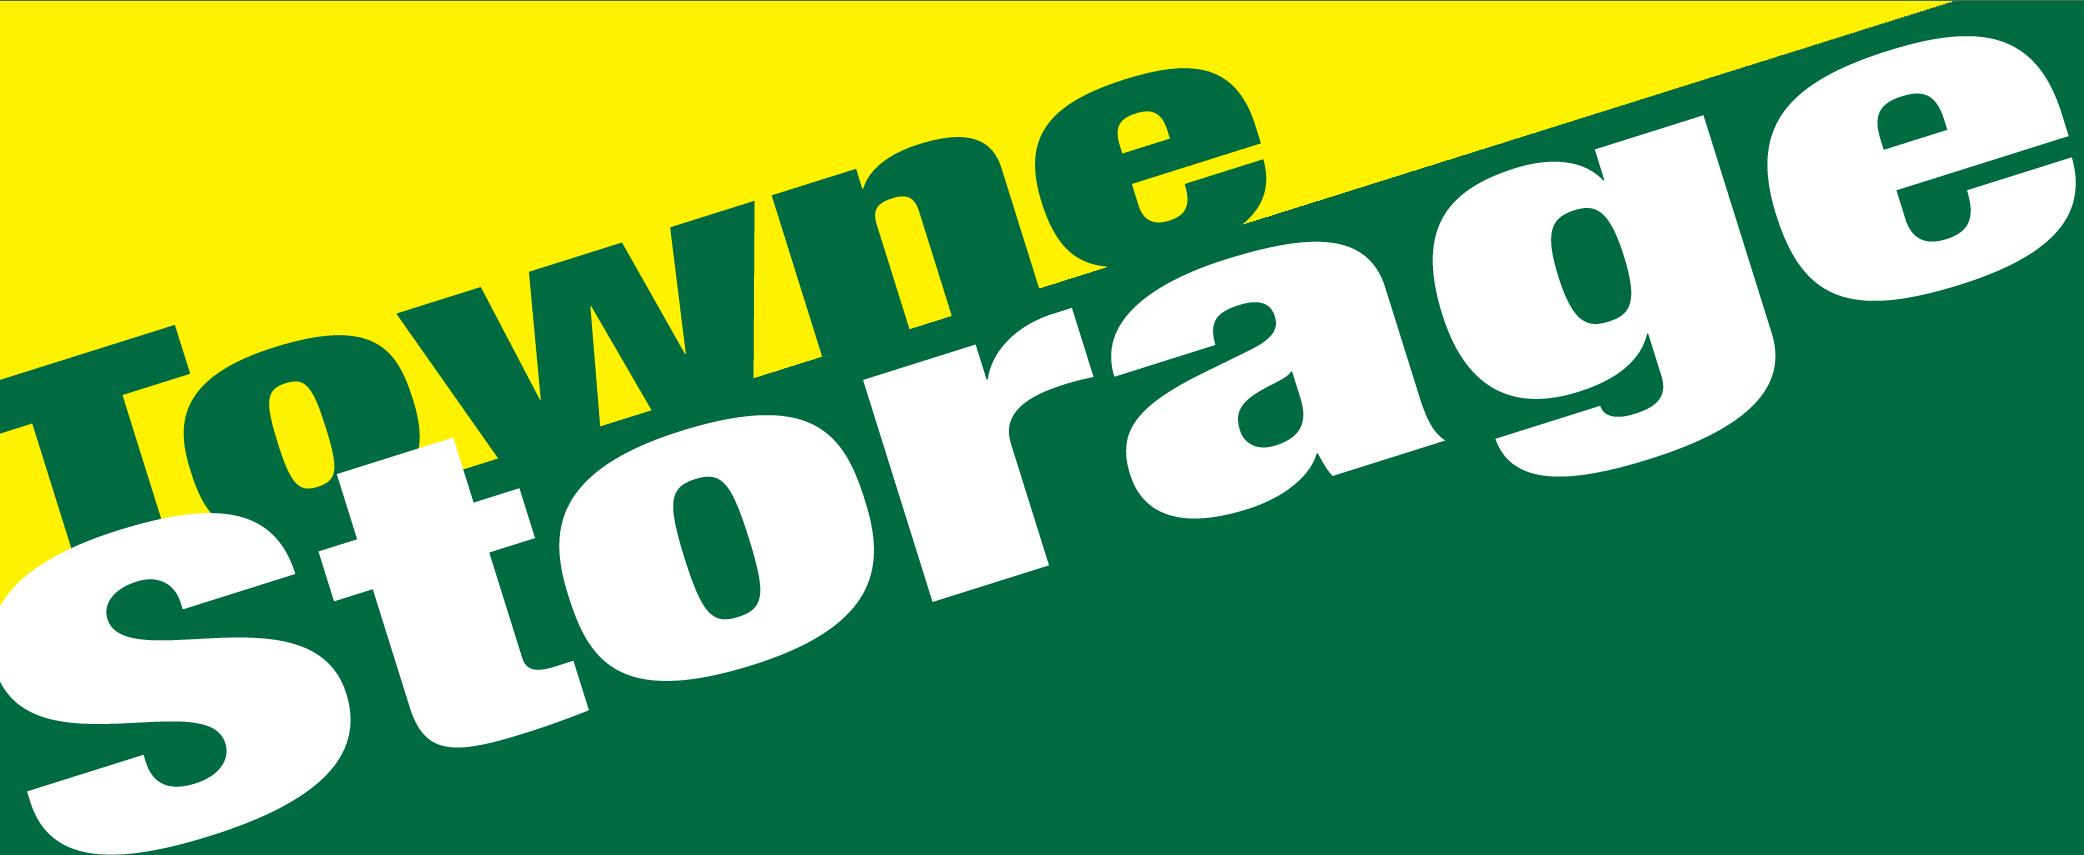 Towne Storage - Clearfield logo